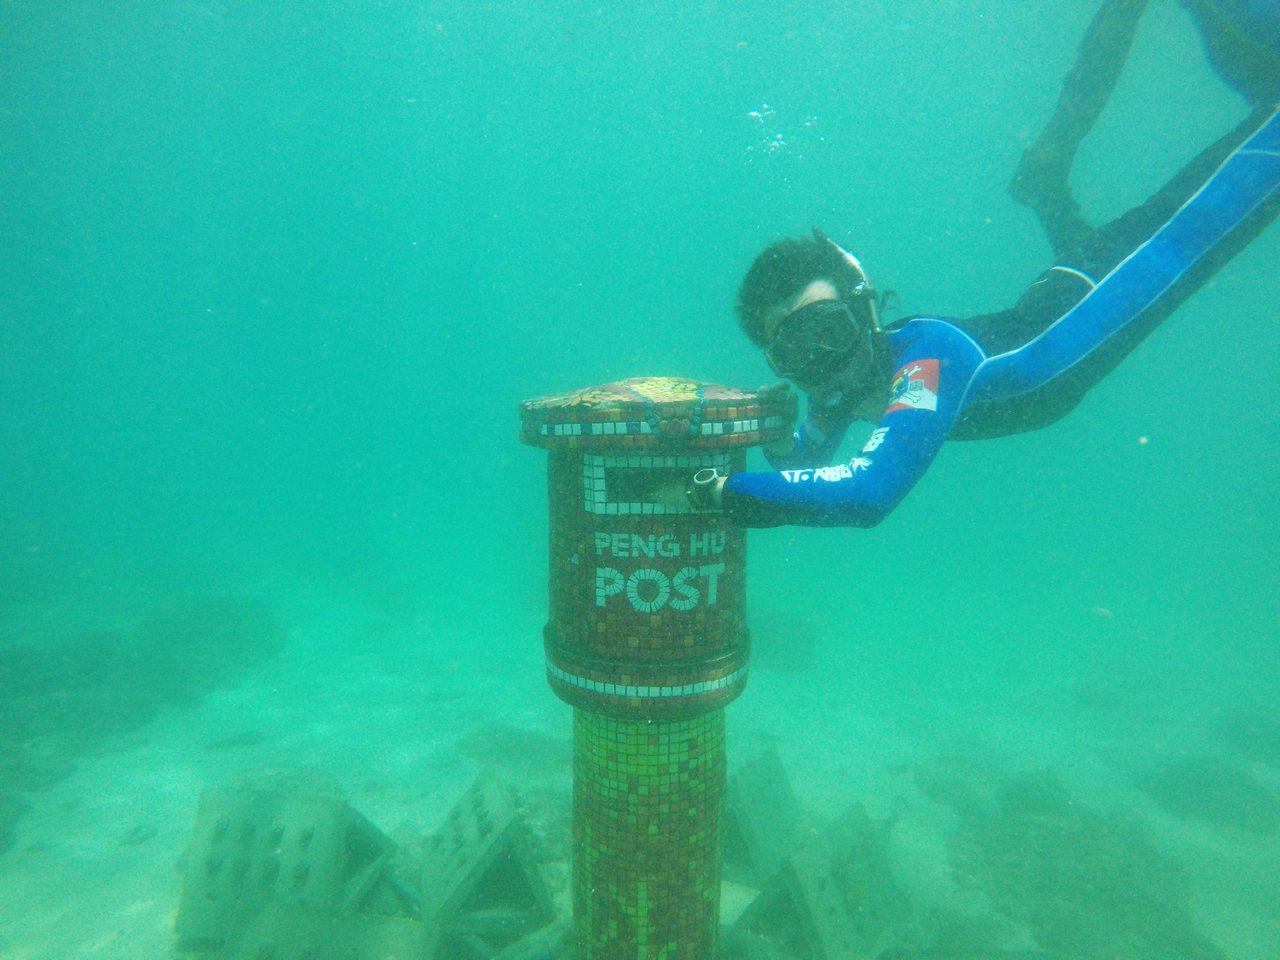 全台唯一的藝術魚礁「海底郵筒」昨天在澎湖露臉。圖/澎湖縣政府提供